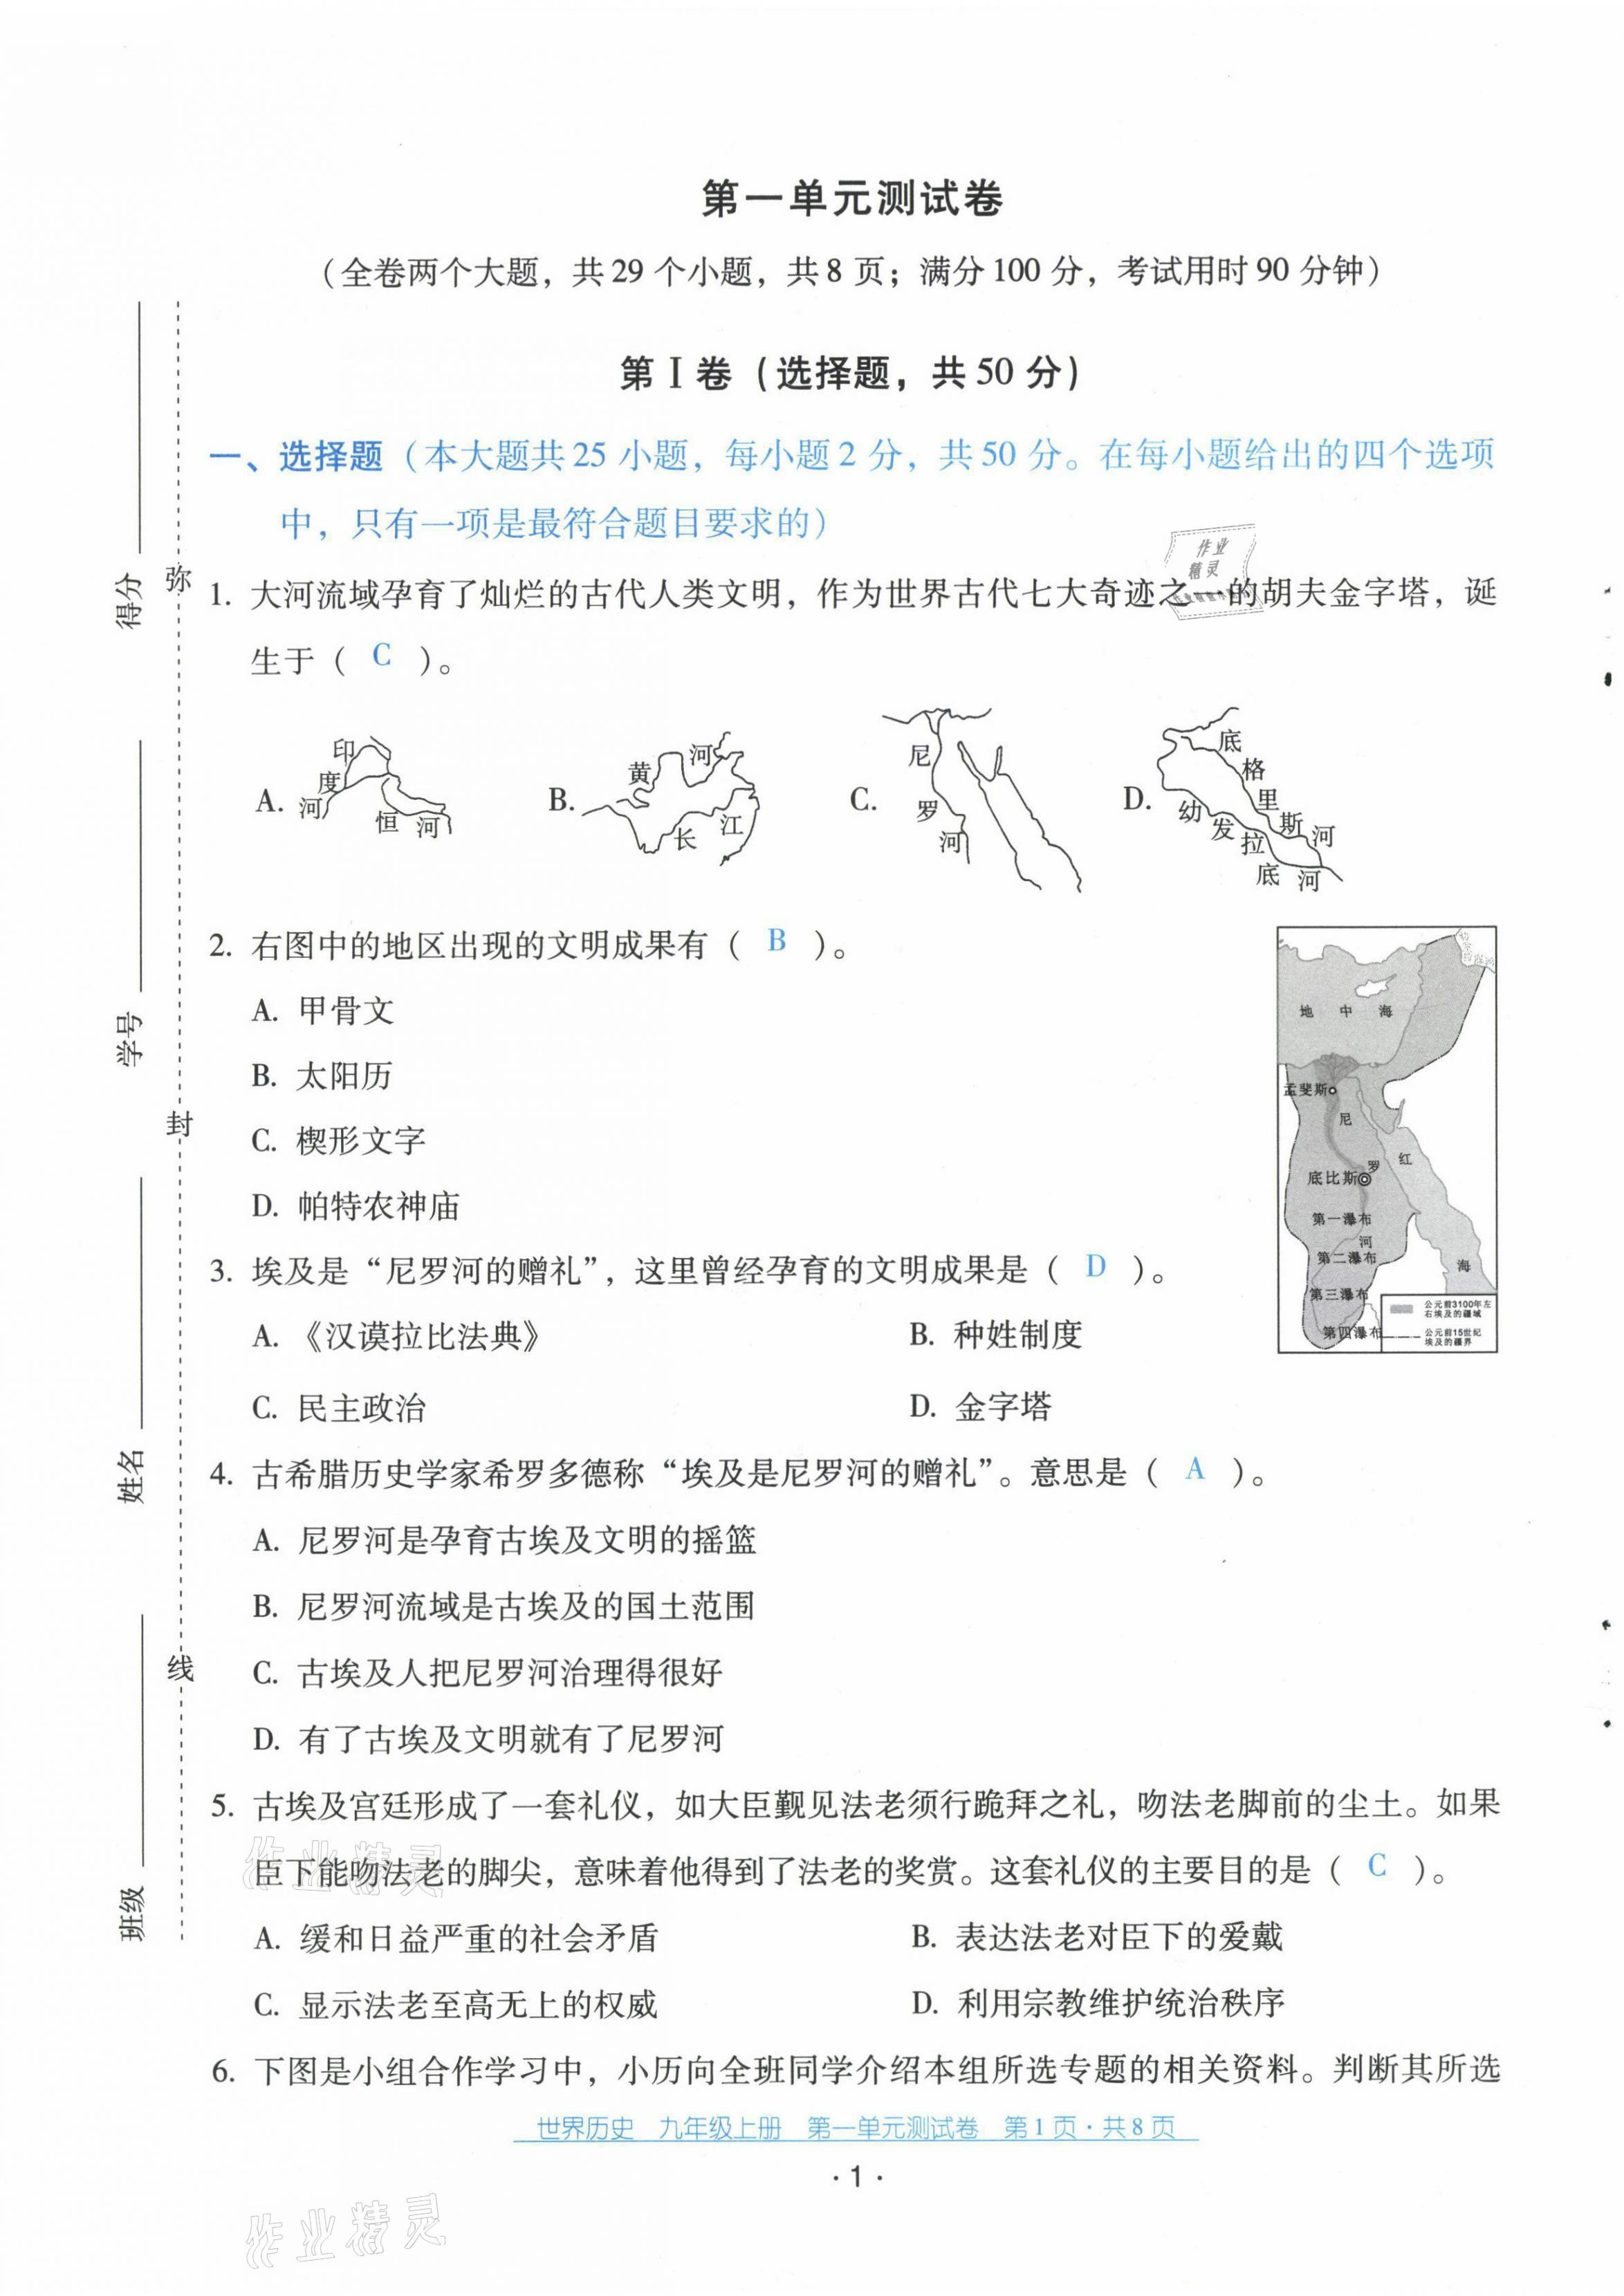 2021年云南省标准教辅优佳学案配套测试卷九年级历史上册人教版第1页